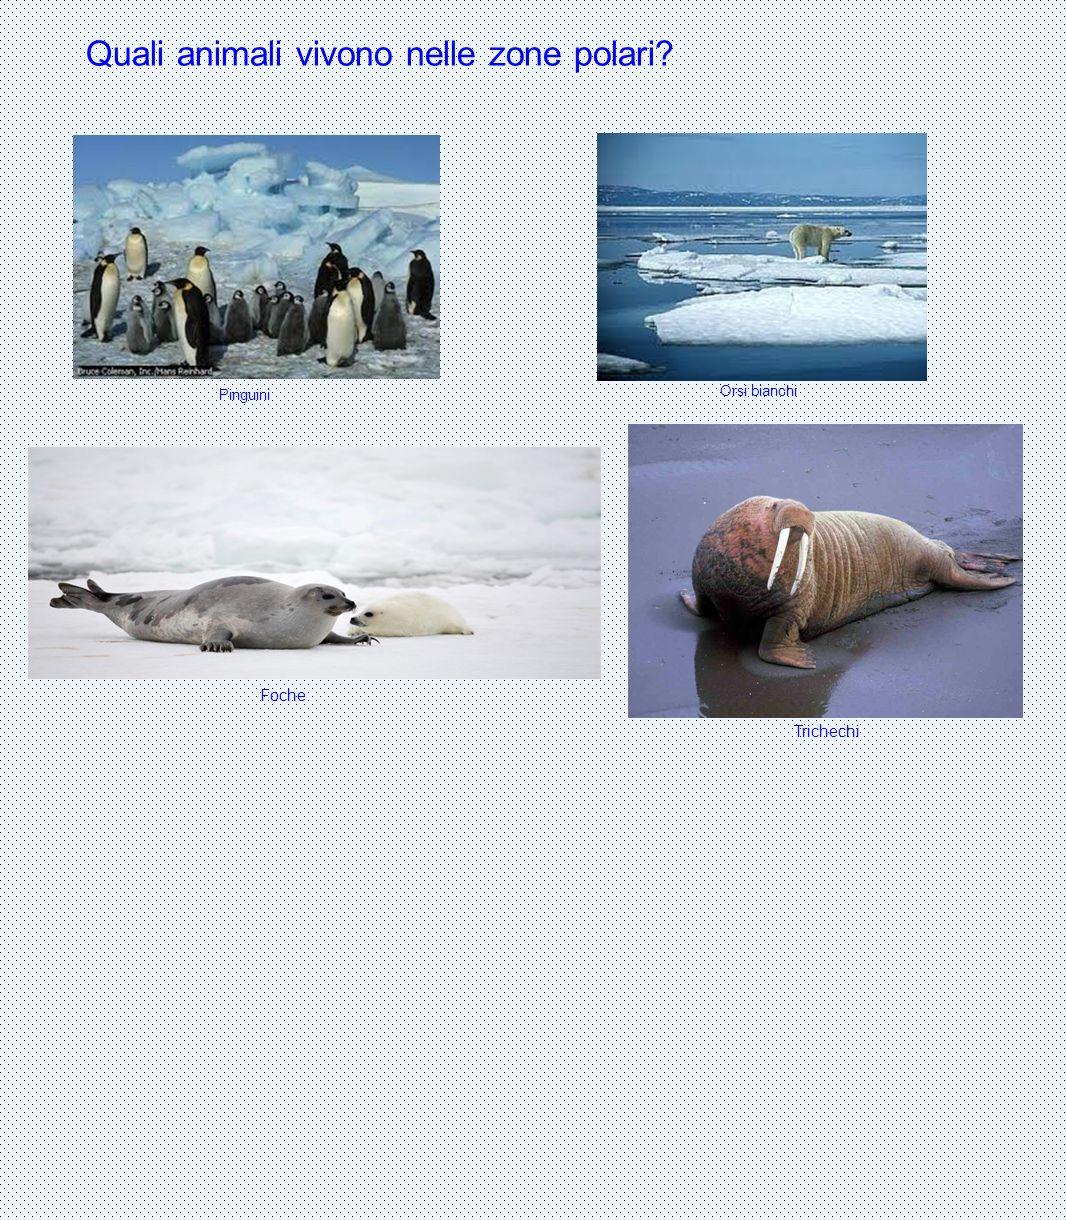 Quali animali vivono nelle zone polari? Pinguini Orsi bianchi Foche Trichechi